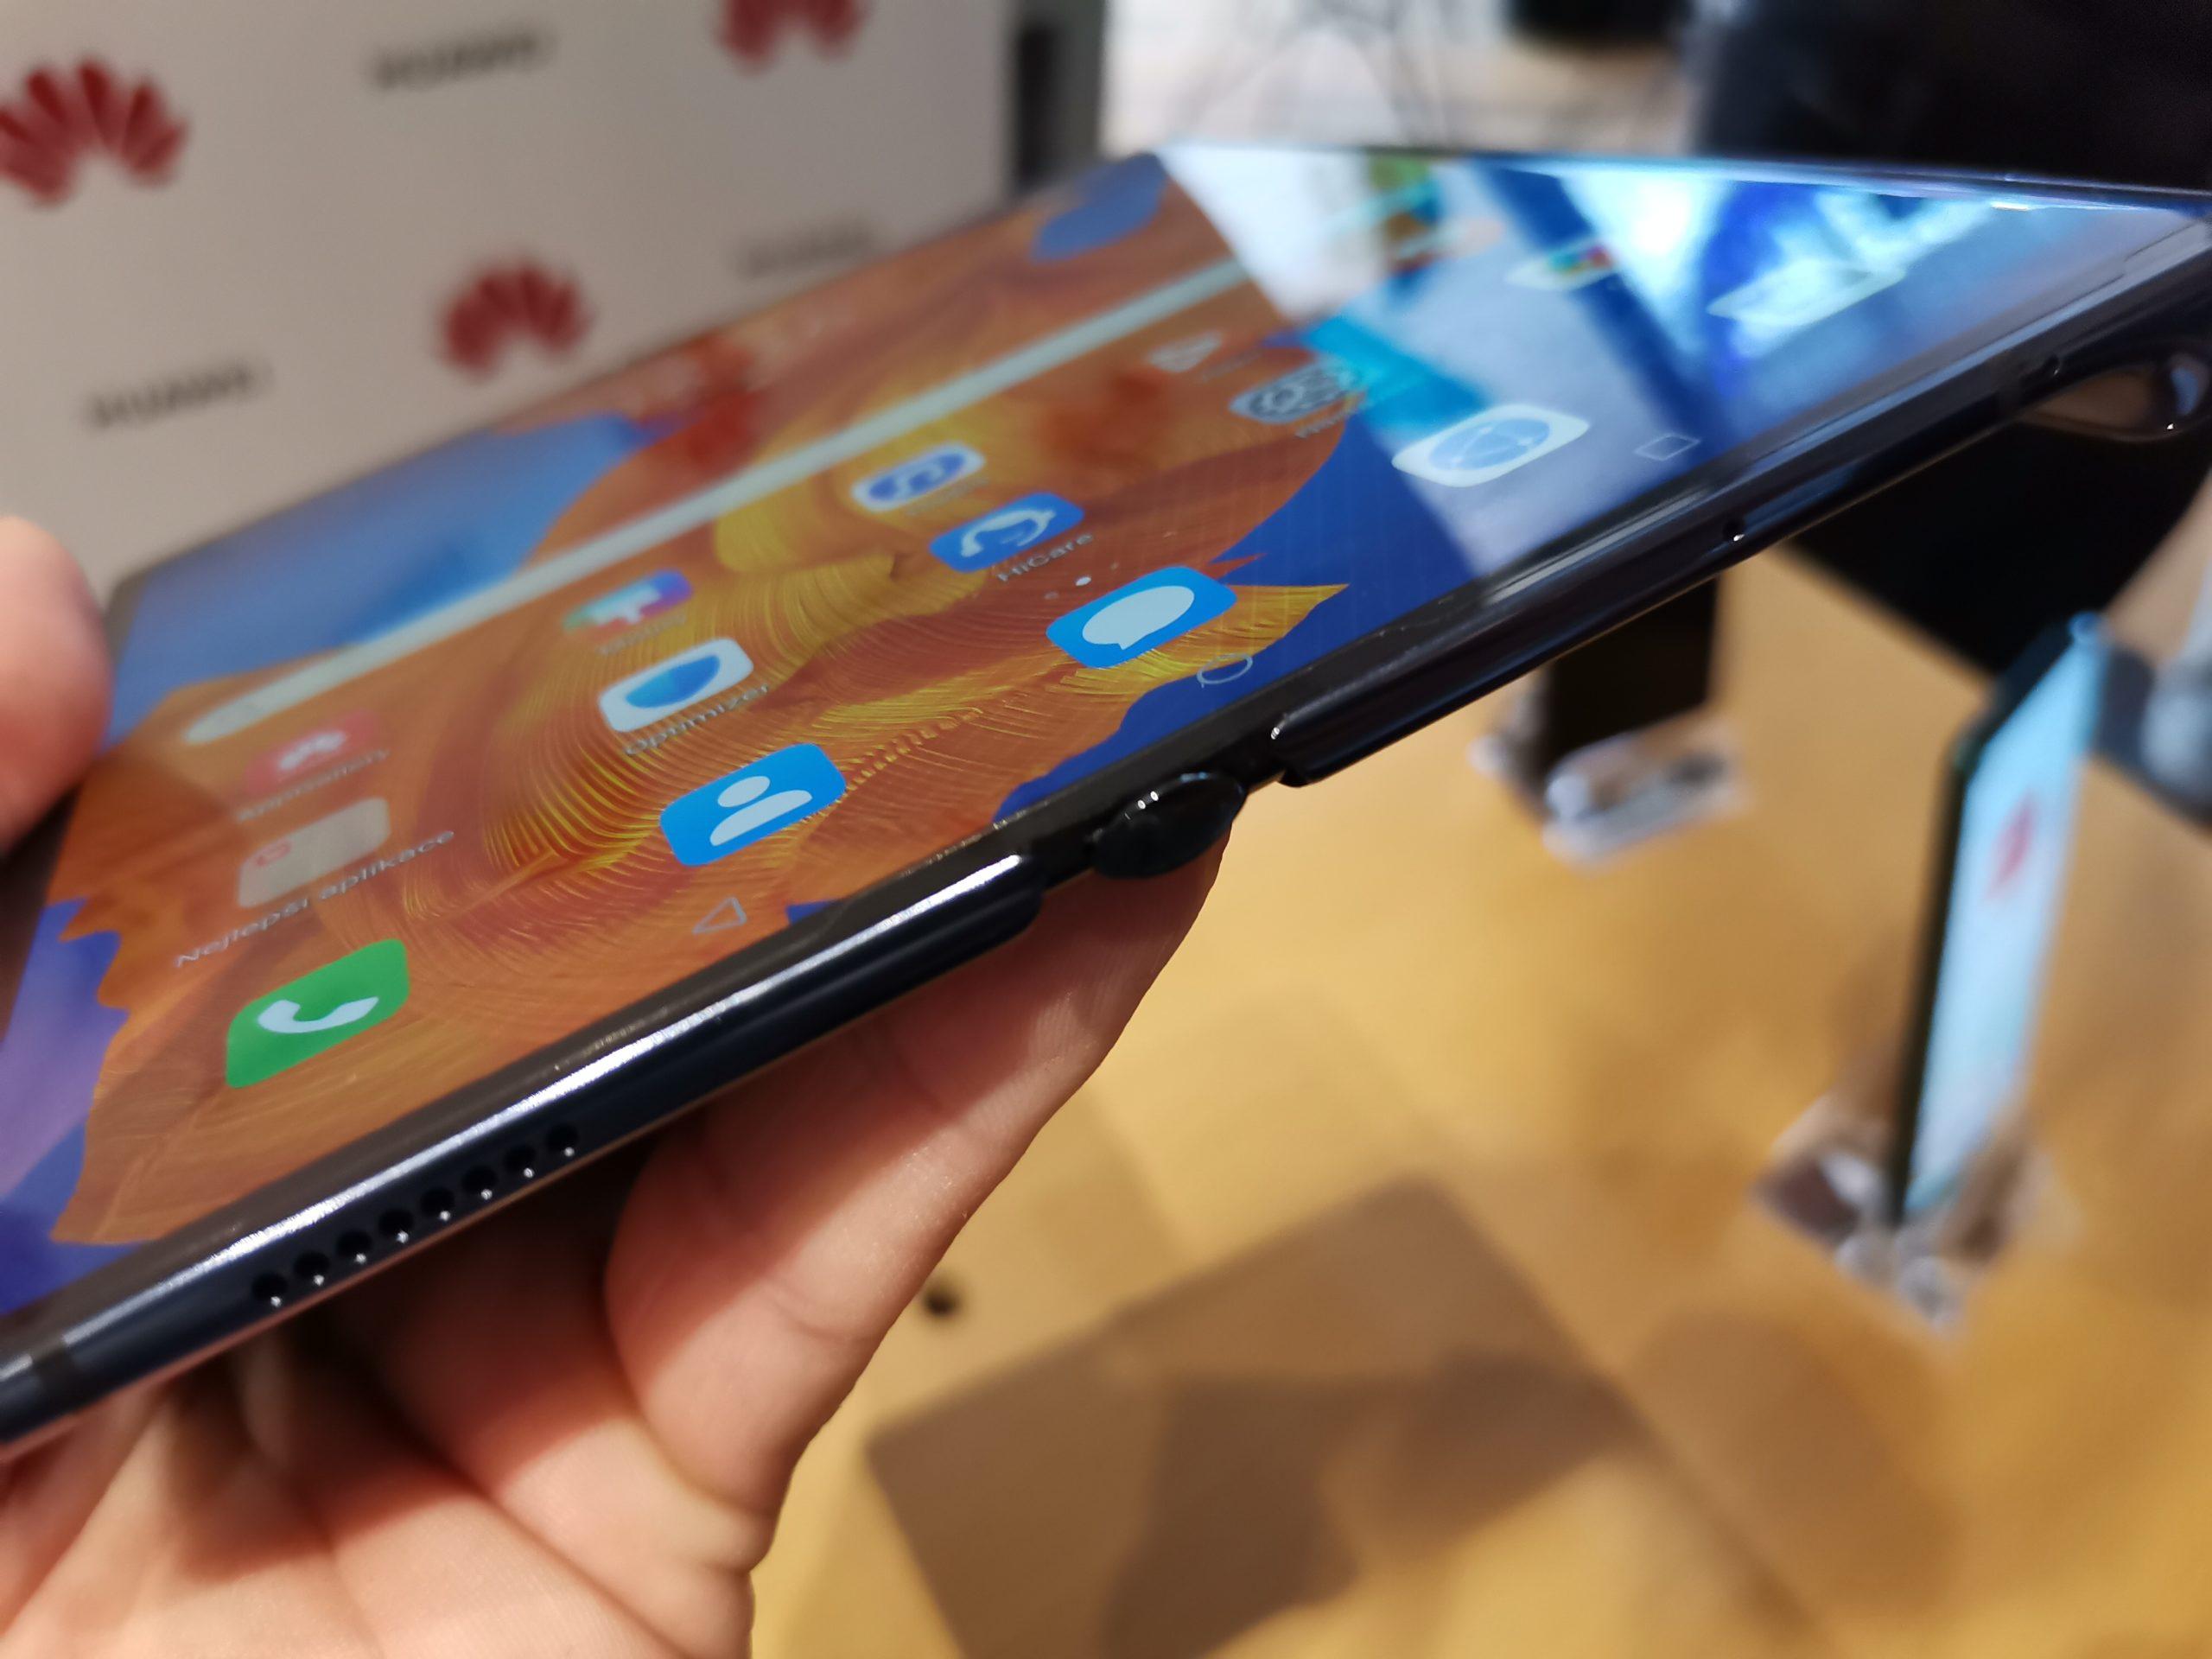 Soutěžte s Huawei a vyhrajte skládací Mate Xs. Stačí vyfotit starý mobil